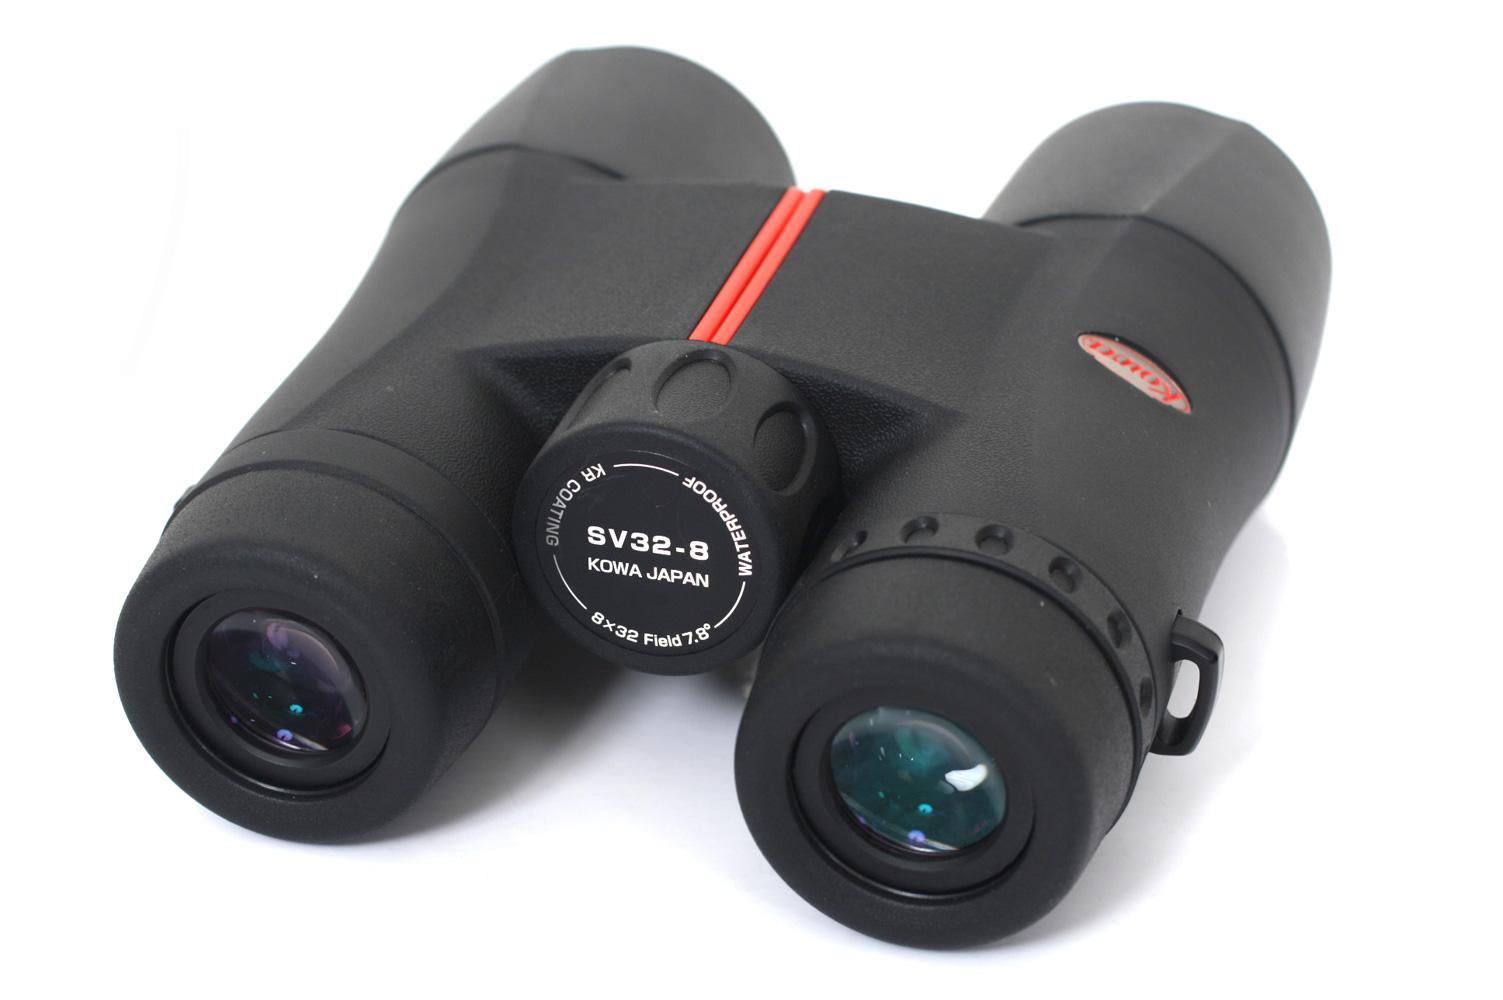 コーワ SVシリーズ SV32-8 8×32ダハプリズム双眼鏡[防水仕様でレンズに汚れがつきにくく軽量、優れた光学性能を持ちながら高いコストパフォーマンスを実現したダハプリズム双眼鏡。]【smtb-TK】[fs04gm][02P05Nov16]